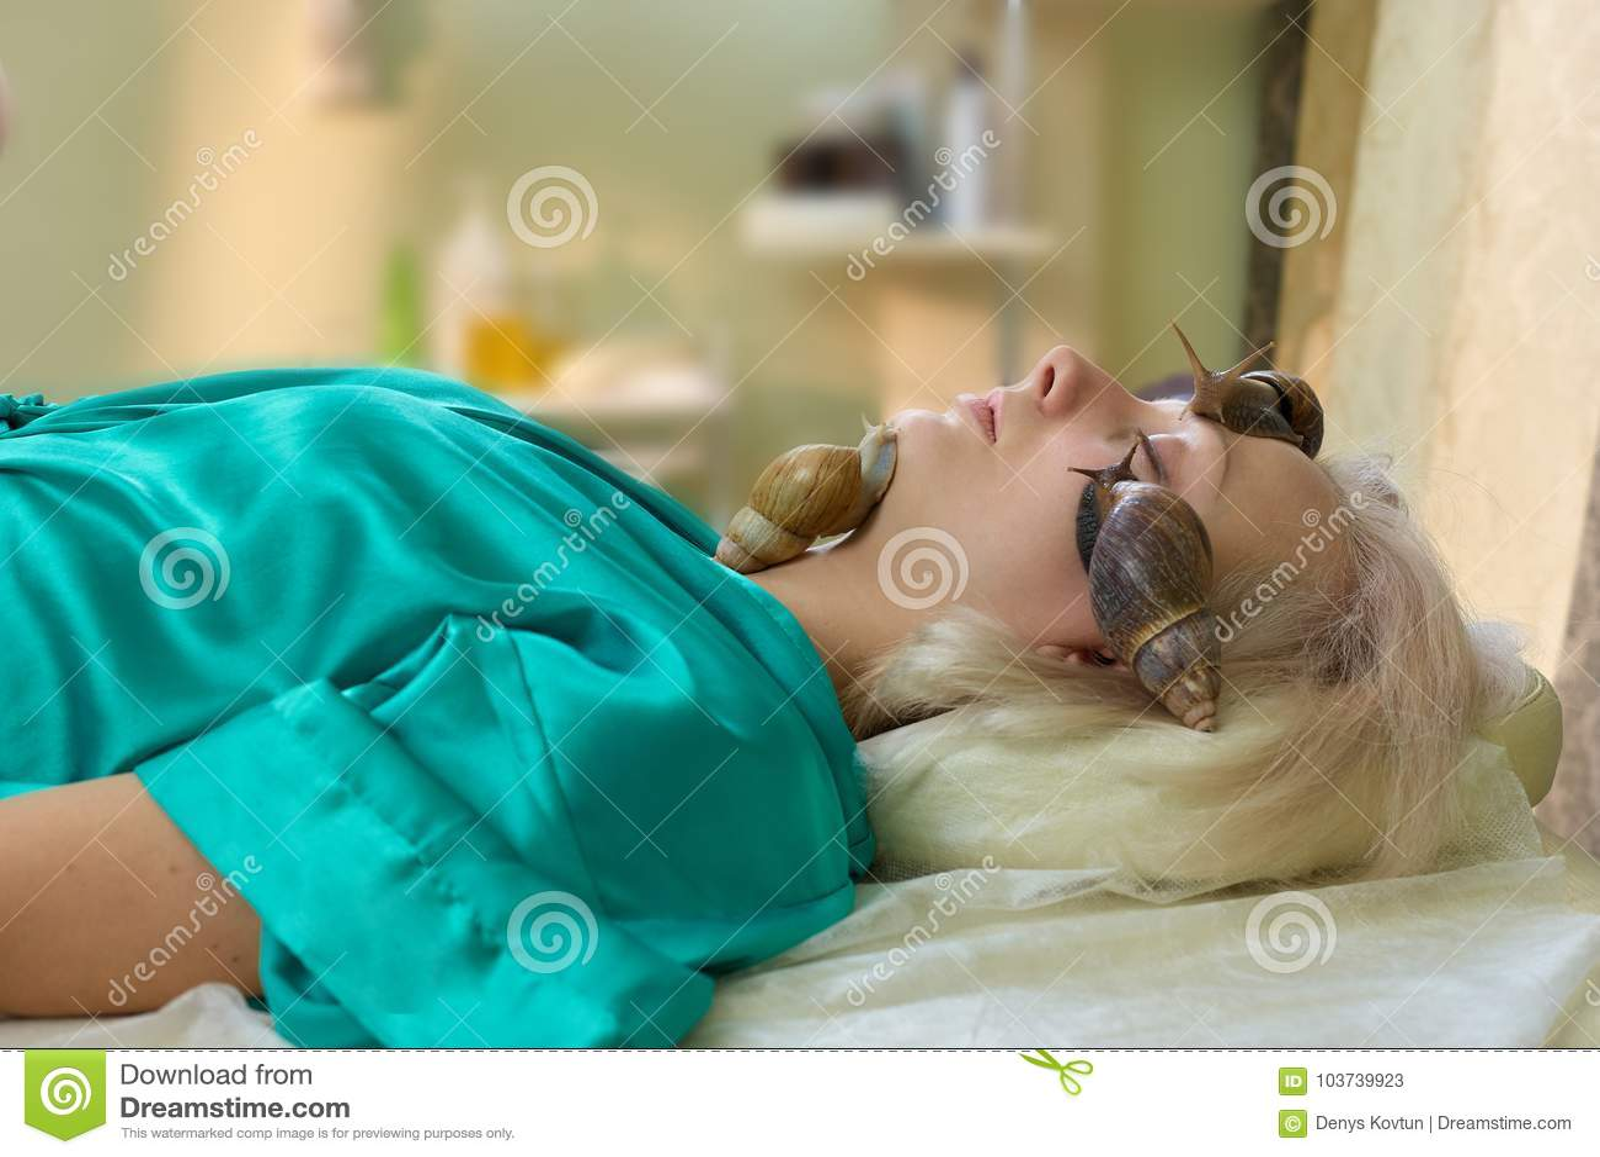 För hälerisnigel för ung kvinna ansikts- massage